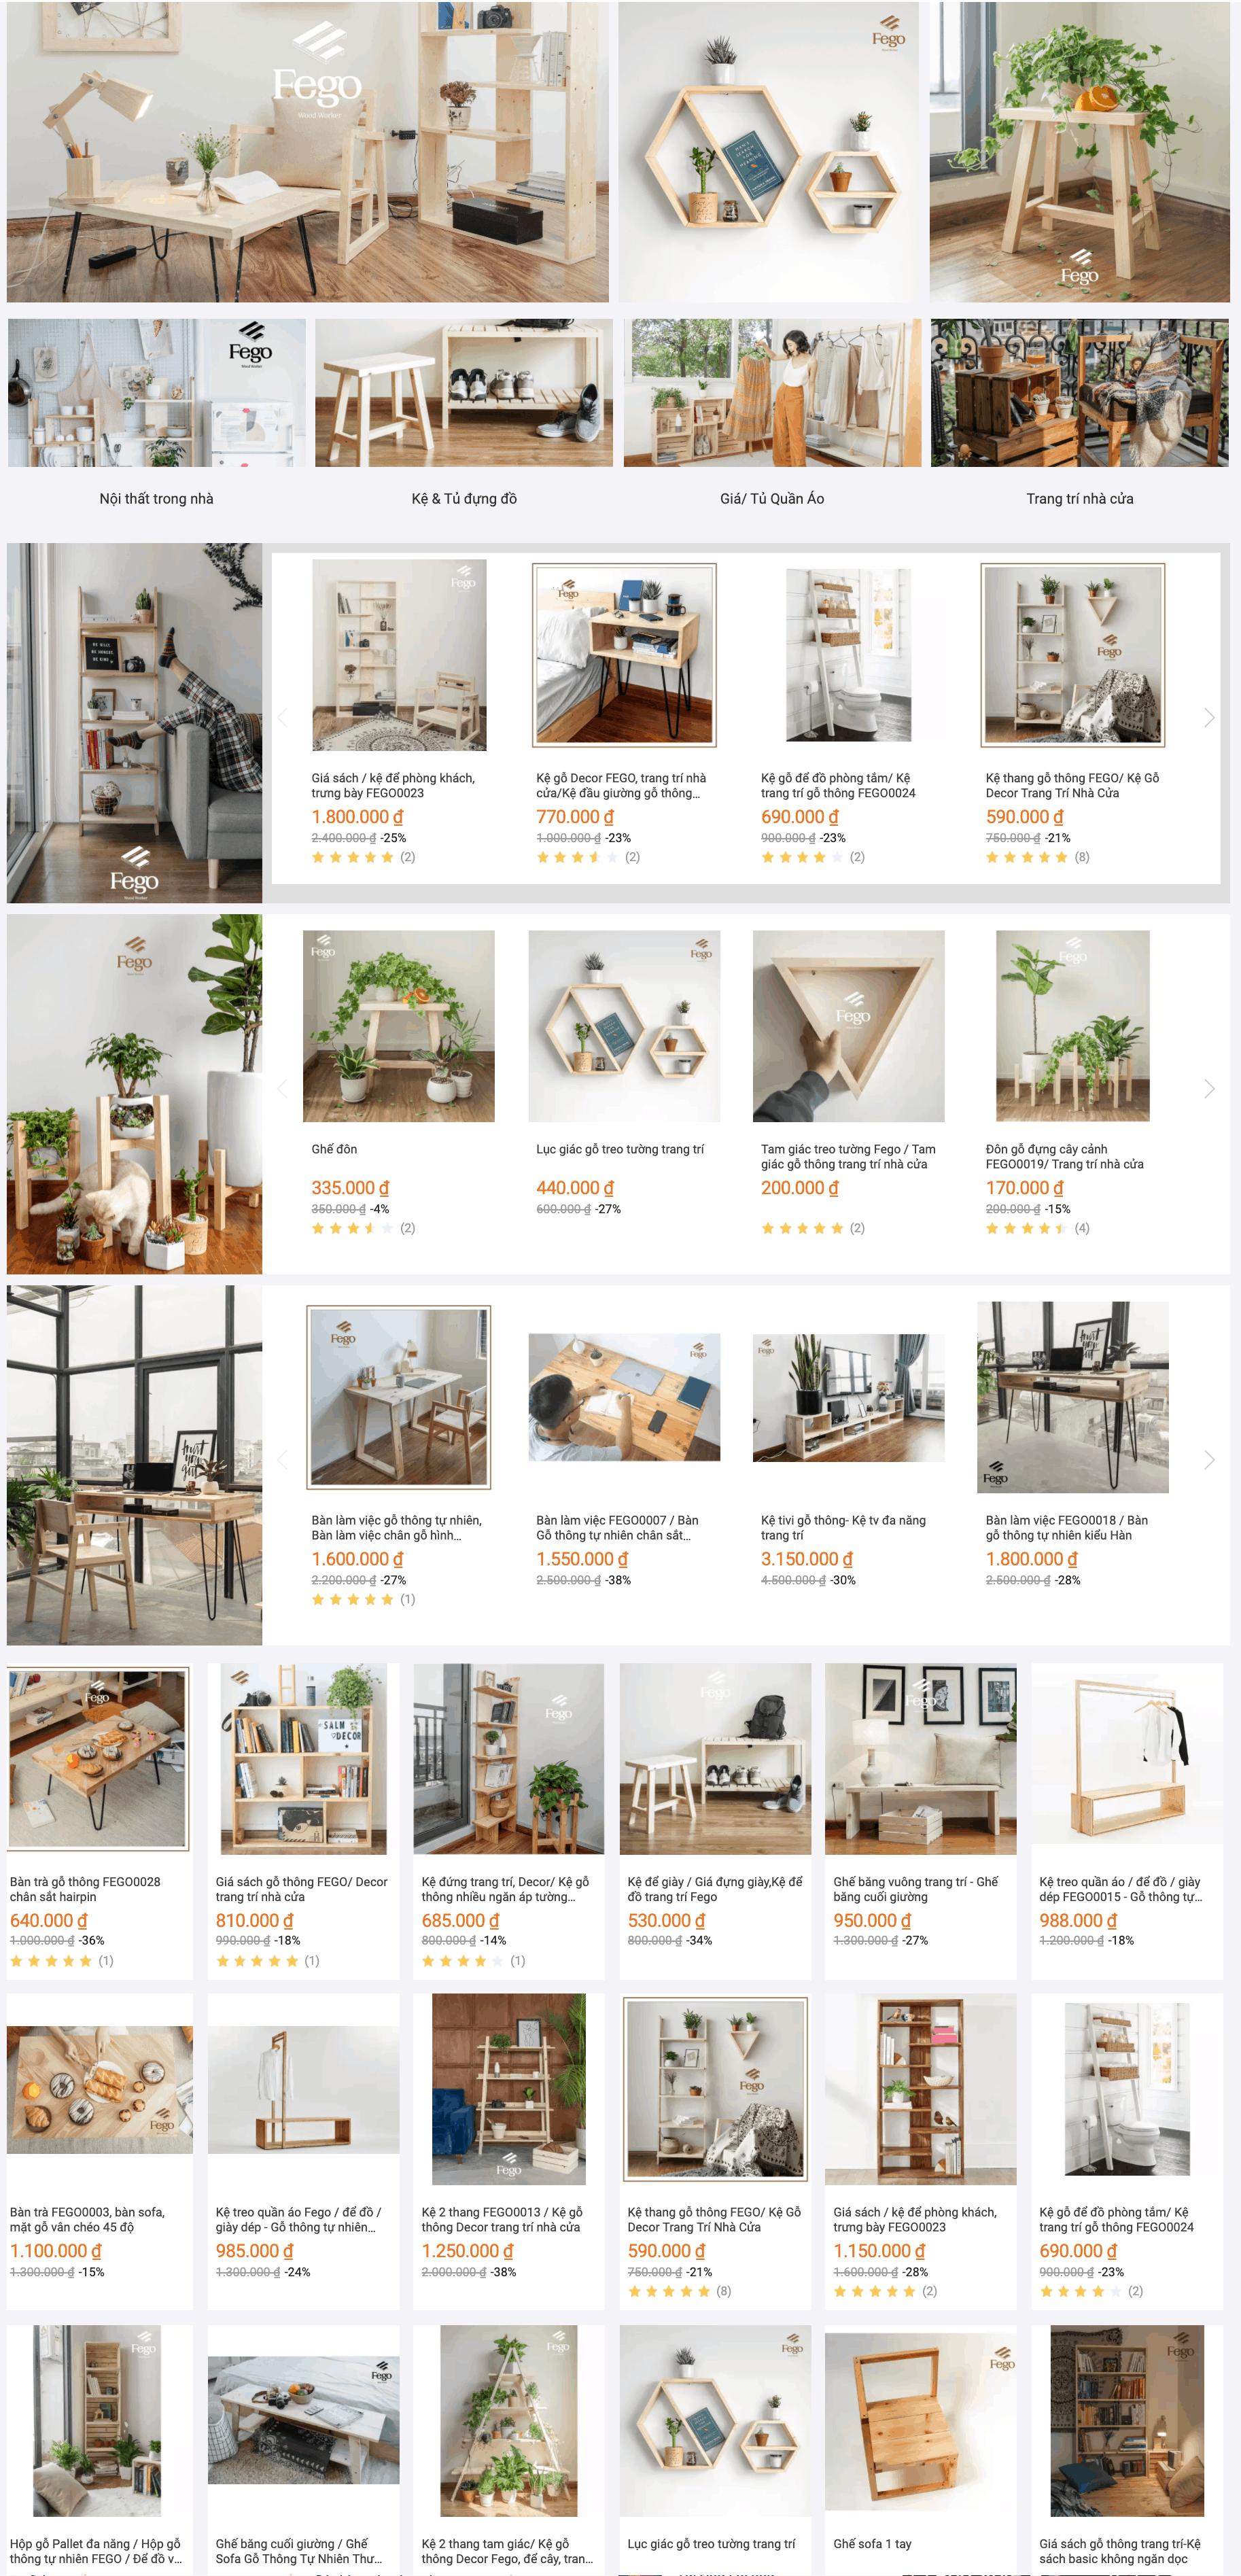 Mua đồ gỗ nội thất và đồ decor bằng gỗ đẹp, giá rẻ ở đâu? 2